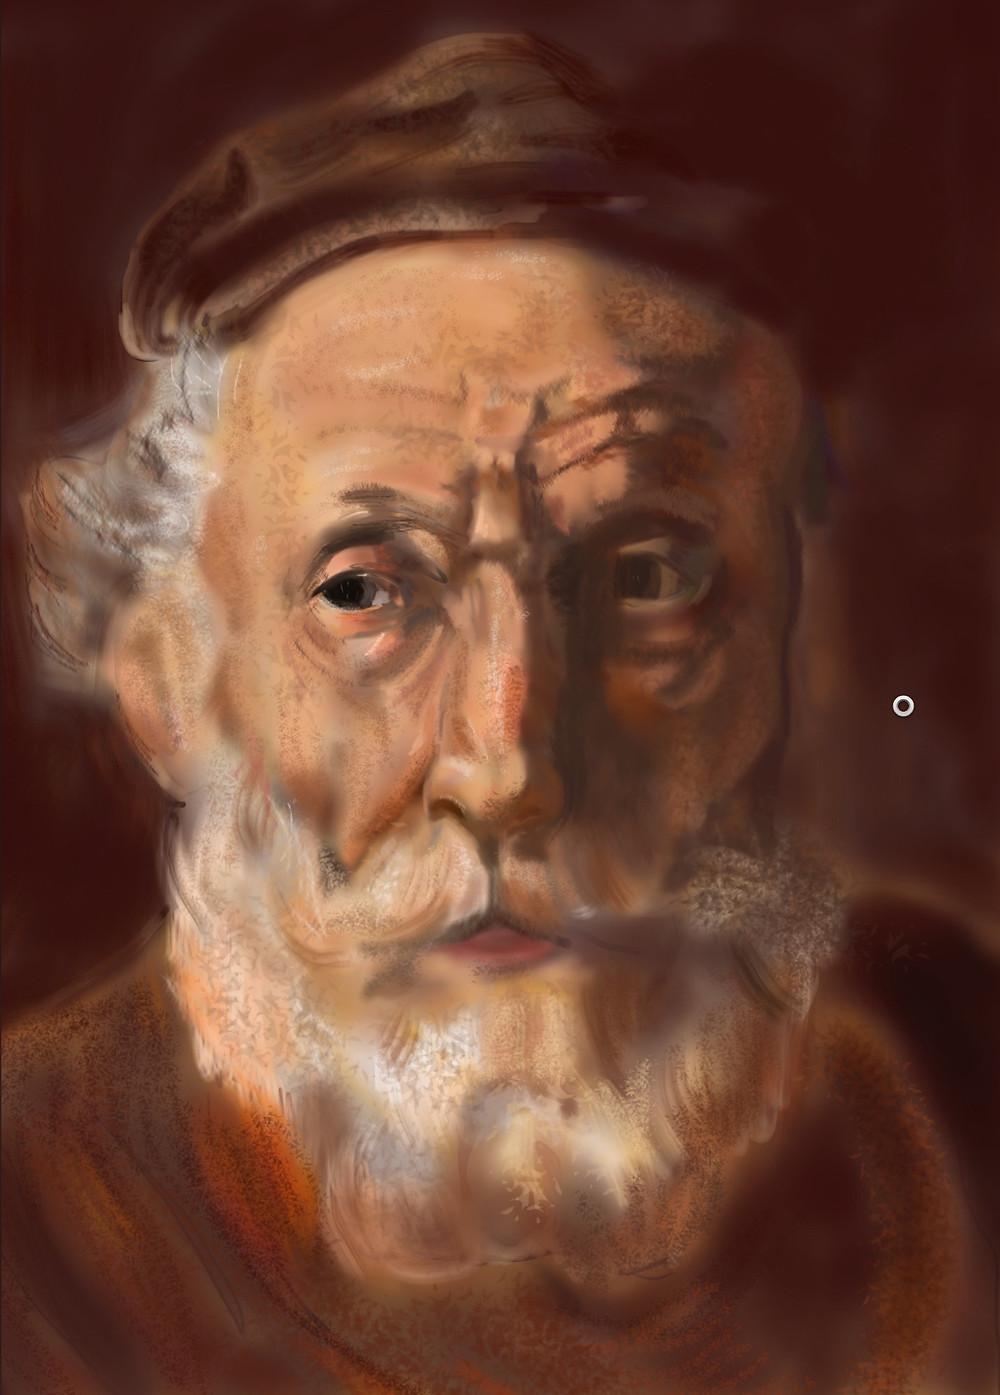 iPad Rembrandt study to prepare for NSP Masterclass. ©L.Cirenza